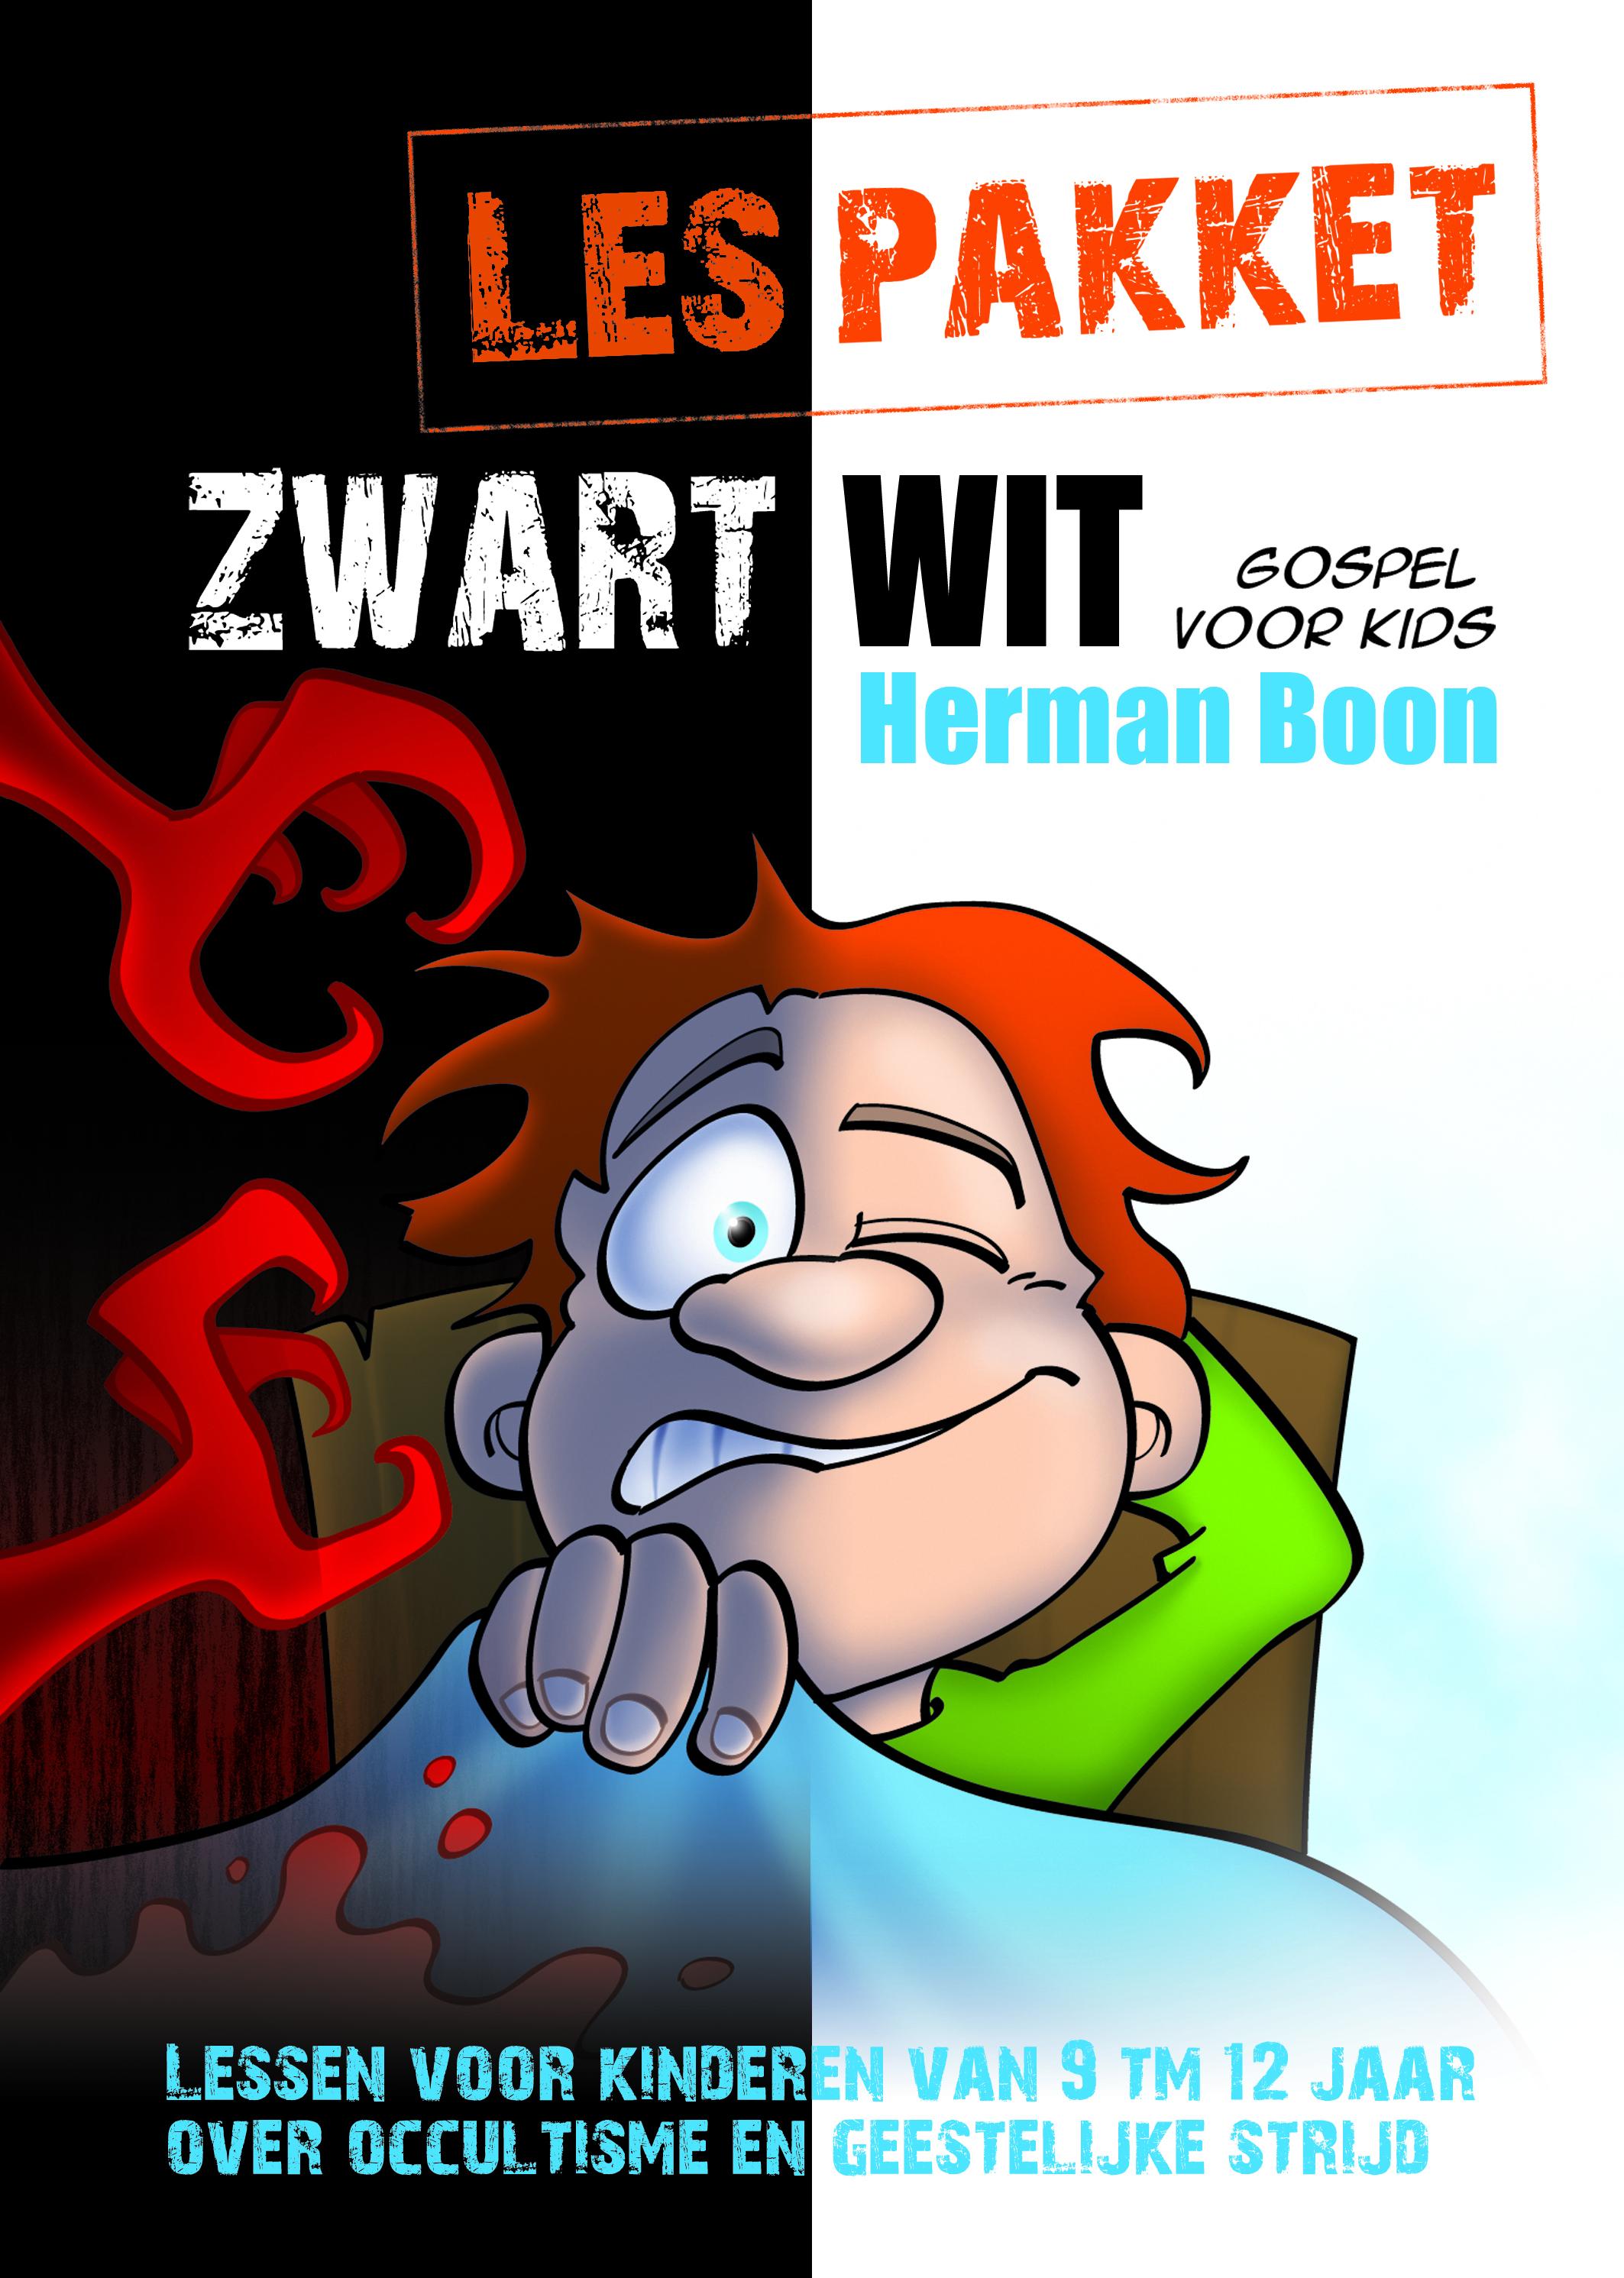 Lespakket ZwartWit